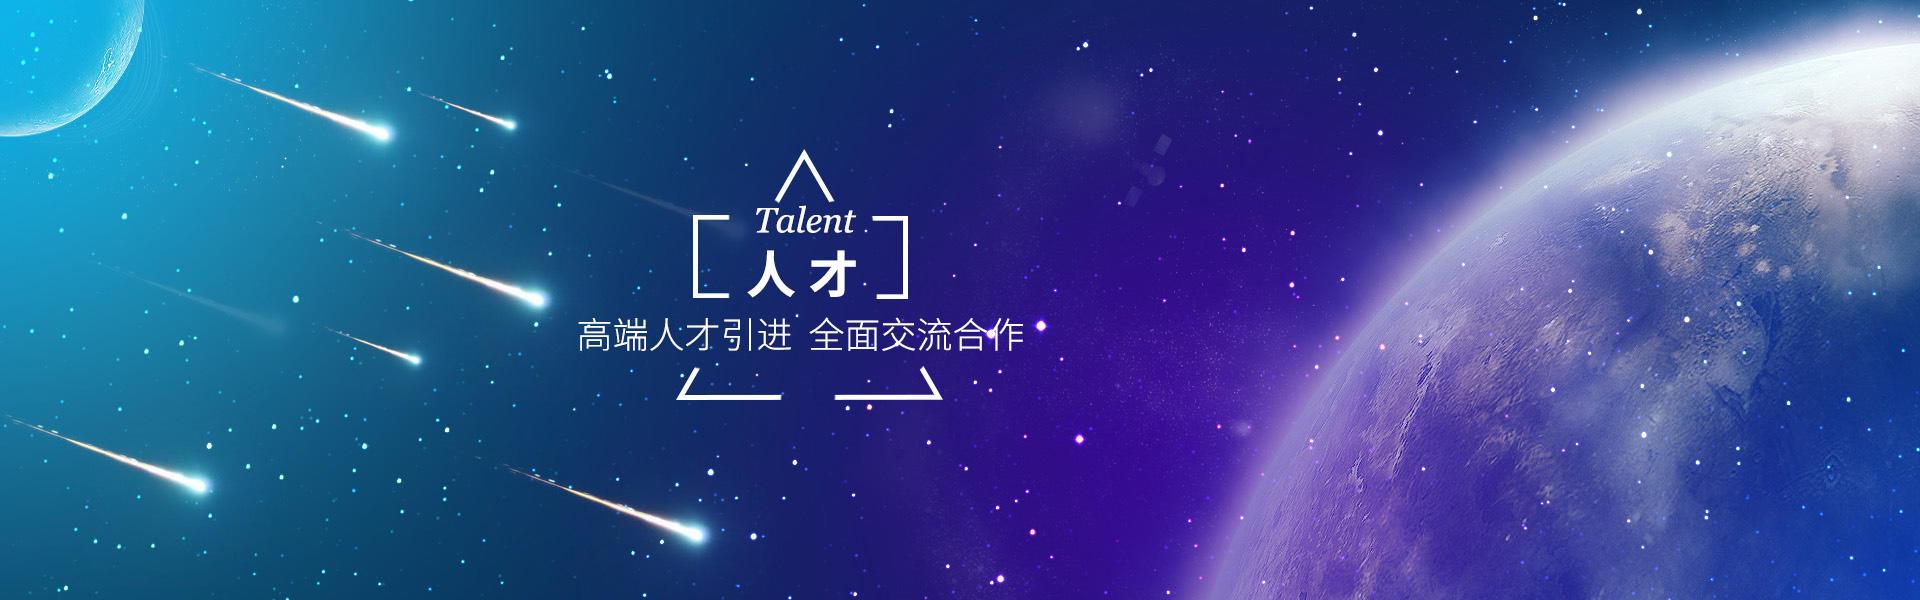 人才(Talent):高端人才引进全面交流合作